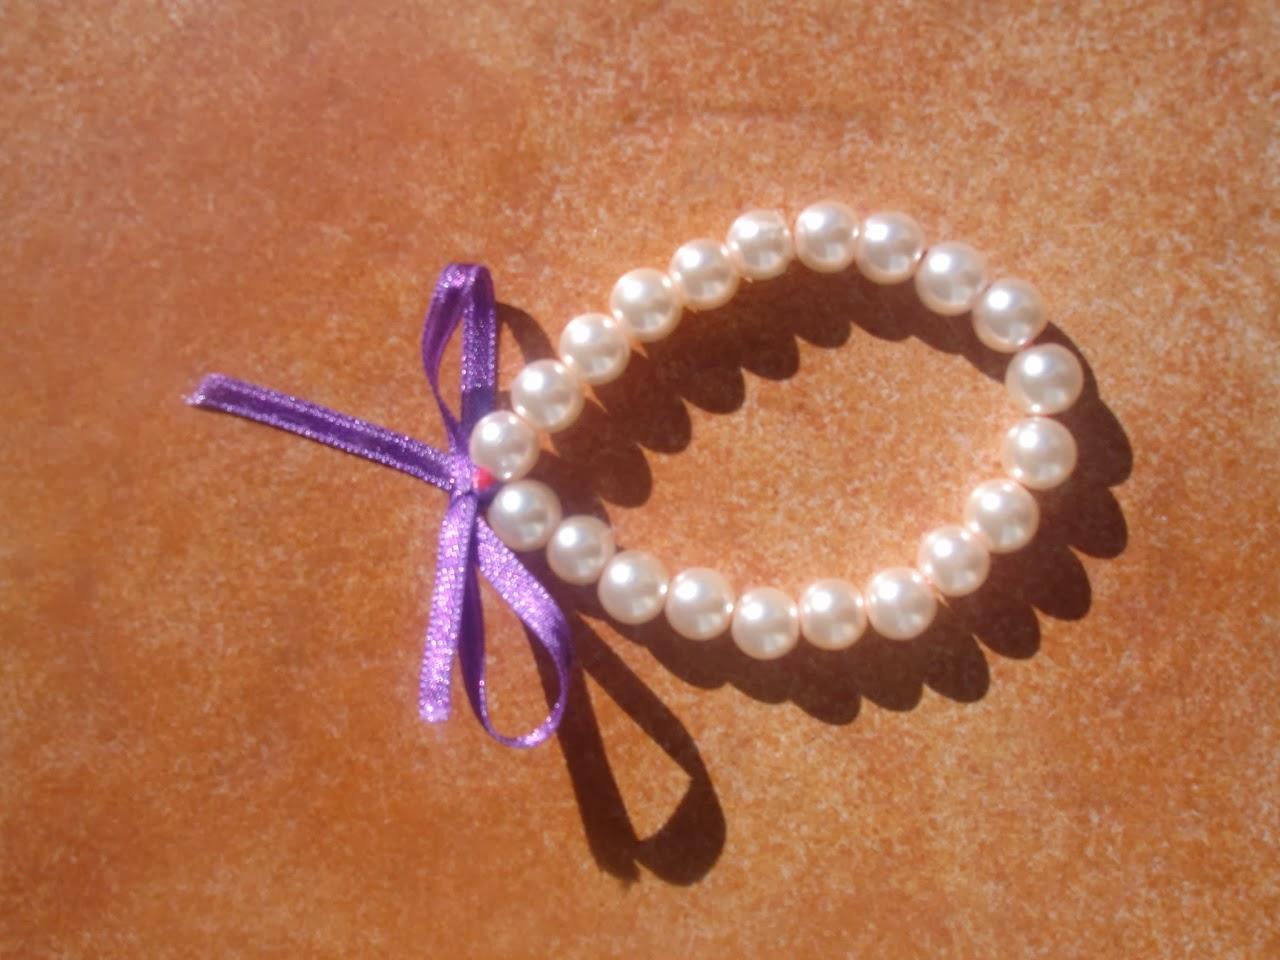 imagenes de pulseras de perlas - imagenes de pulseras | Pulsera con perlas Mossimo Coppel